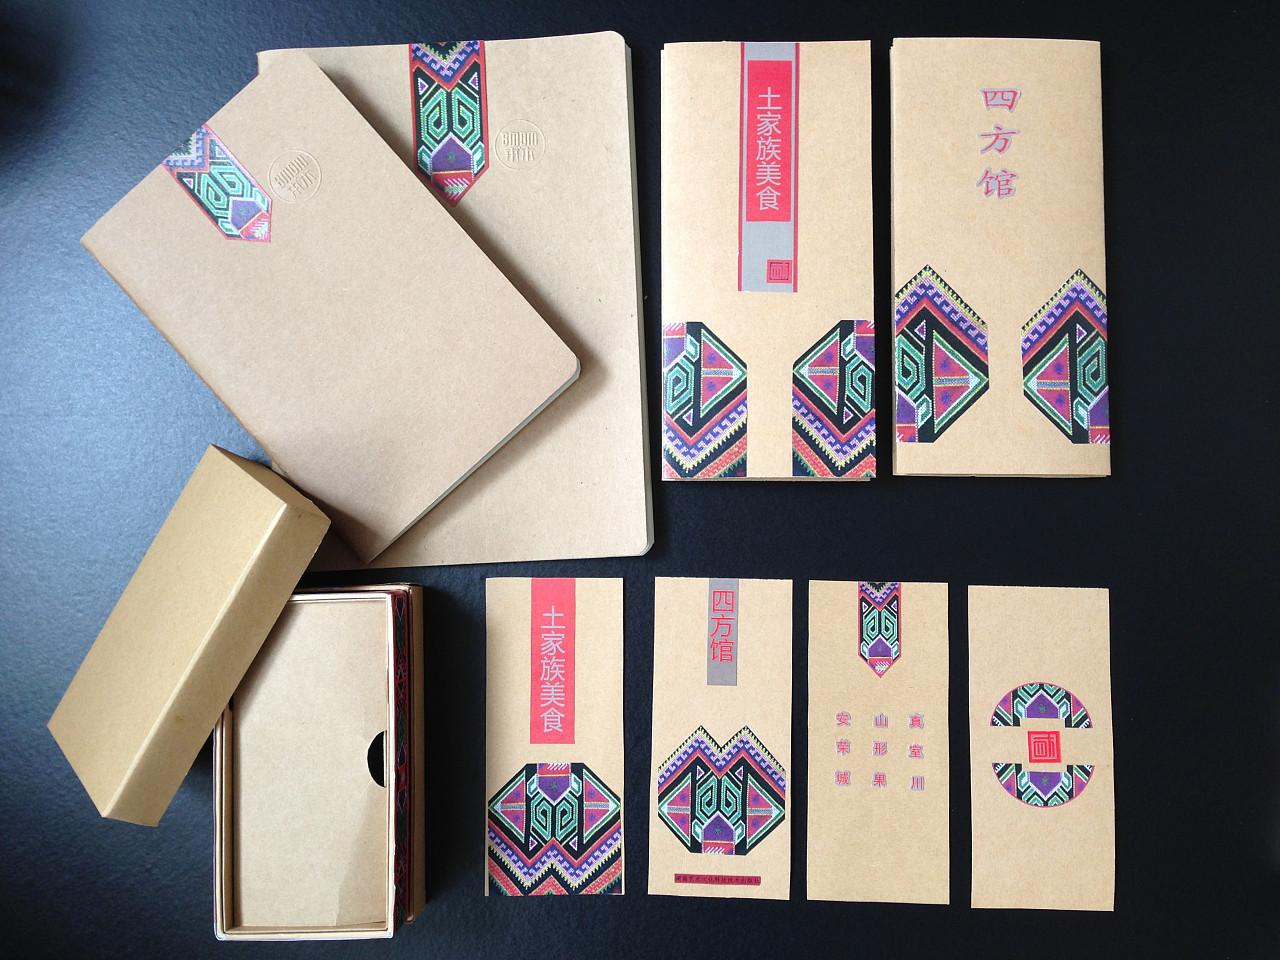 土鸡蛋包装_四方馆土家族食品包装系列 平面 品牌 candy222 - 原创作品 - 站酷 ...